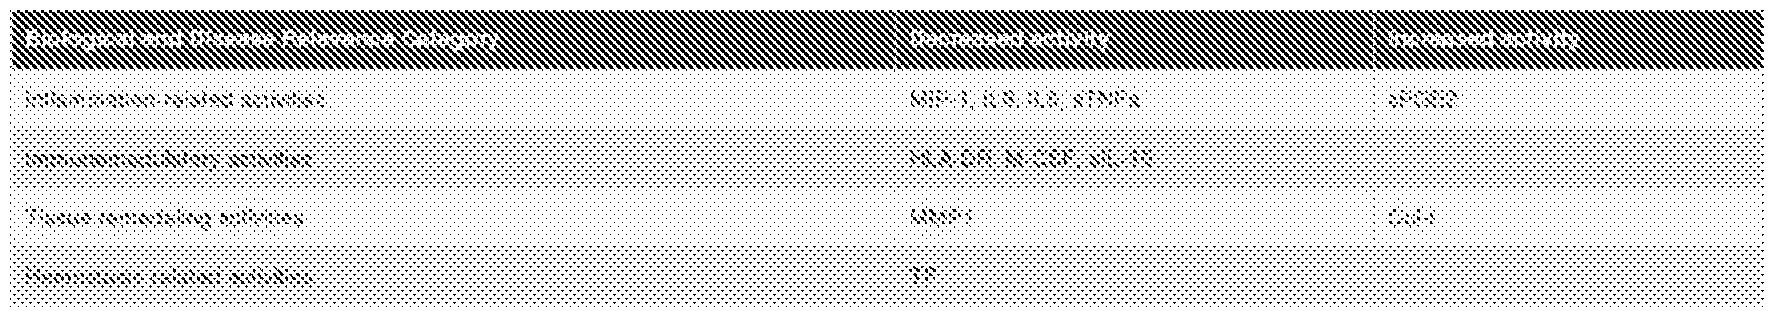 Figure imgf000258_0001